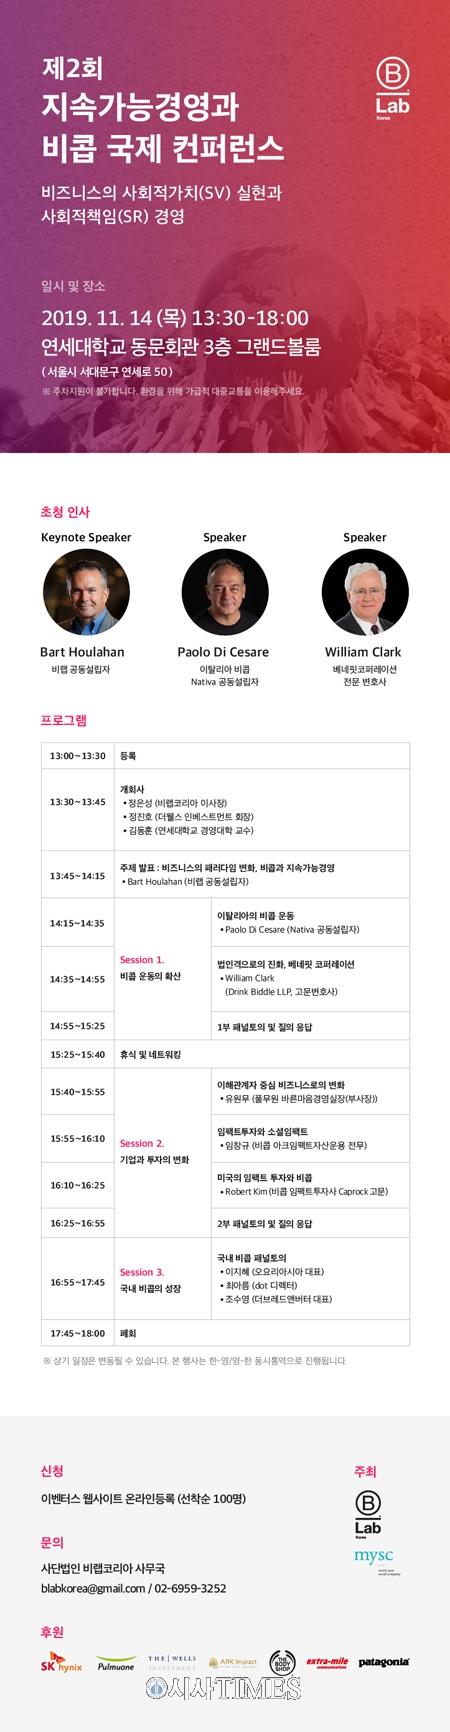 제2회 지속가능경영과 비콥 국제 컨퍼런스 개최